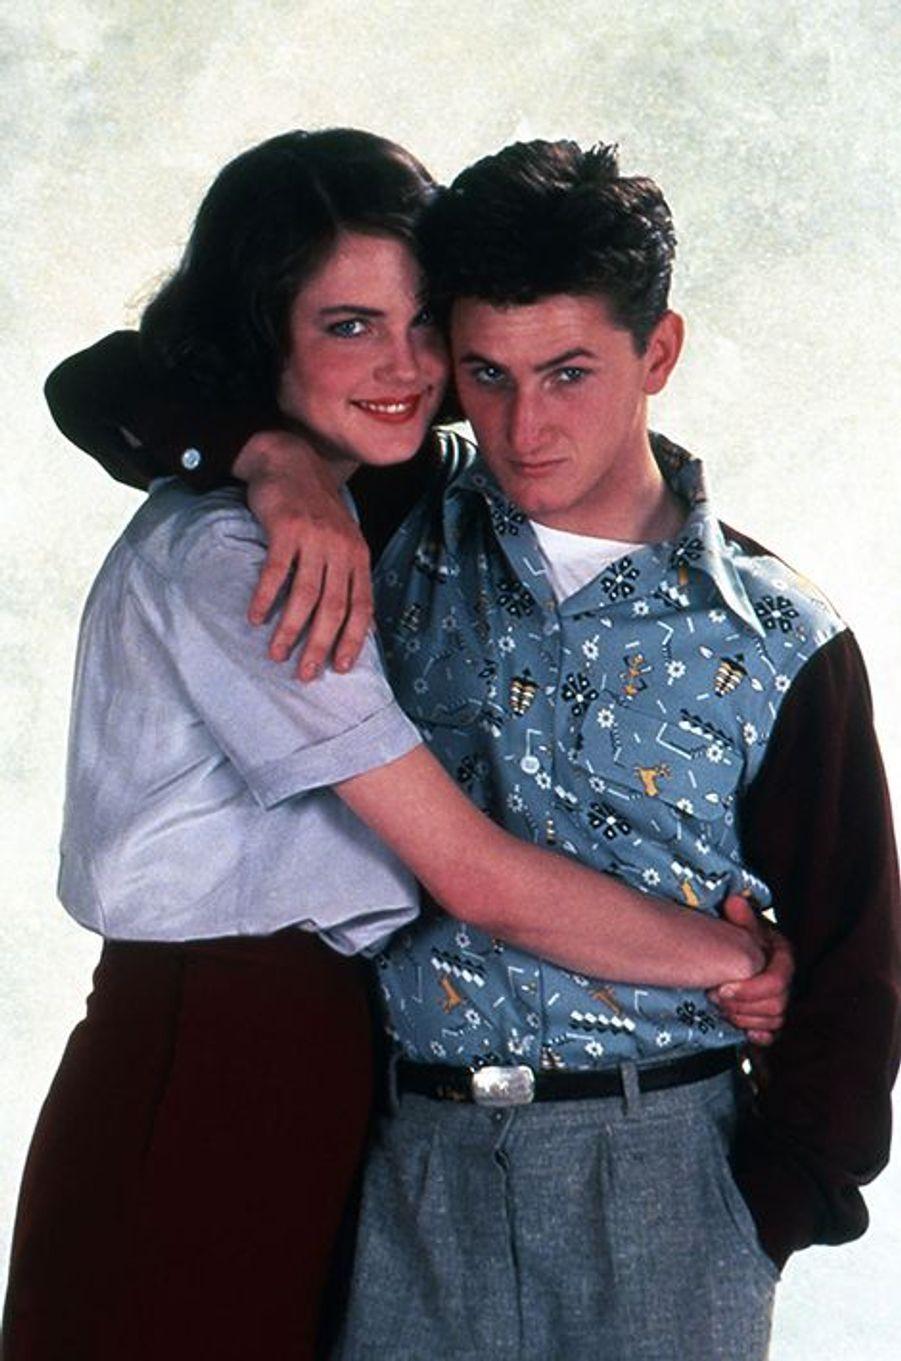 Ce lundi 17 août, Sean Penn fête son 55e anniversaire. Des célébrations qui interviennent trois mois après sa rupture avec l'actrice Charlize Theron, qu'il fréquentait depuis décembre 2013. Avant de rencontrer l'égérie Dior, l'acteur et réalisateur américain a accumulé les conquêtes. Florilège en images.---En 1983, Sean Penn s'éprend d'Elizabeth McGovern sur le tournage du film «Les moissons du printemps», de Richard Benjamin. À cette époque, l'acteur est âgé de 24 ans. Après des mois d'idylle, le couple se fiance, mais Elizabeth a du mal à supporter le fort caractère du comédien, qu'elle quitte après deux ans de relation. «Mon couple avec Sean était très important. […] Mais il y a un fort côté dramatique dans sa vie», expliquait-elle au «Daily Mail».